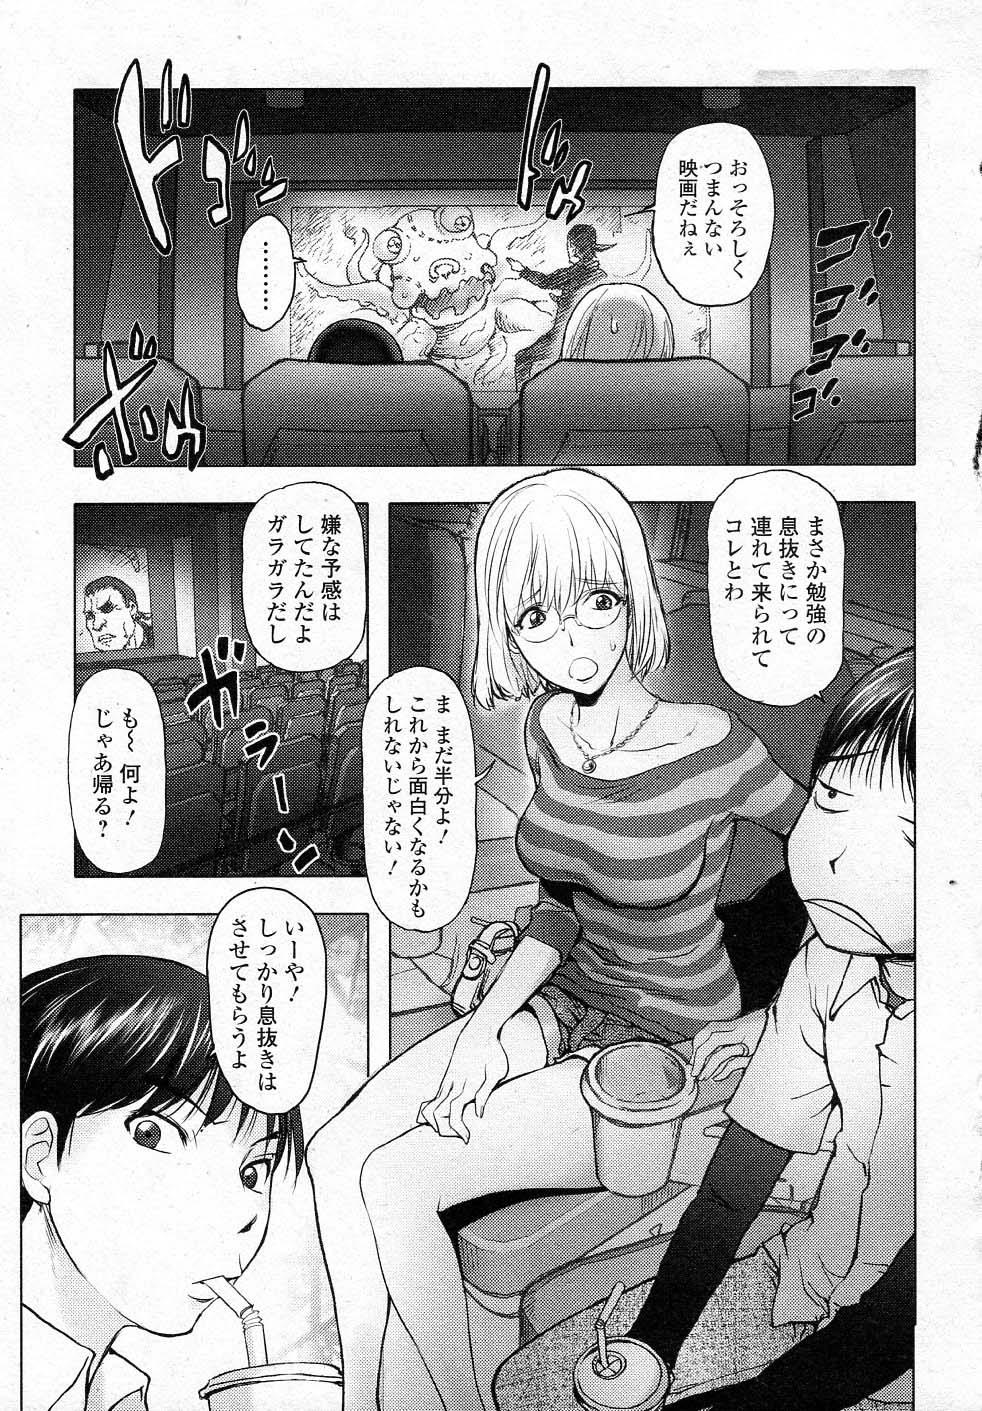 【成年コミック】 ギャルゲふぉるだ! [RAVEN]